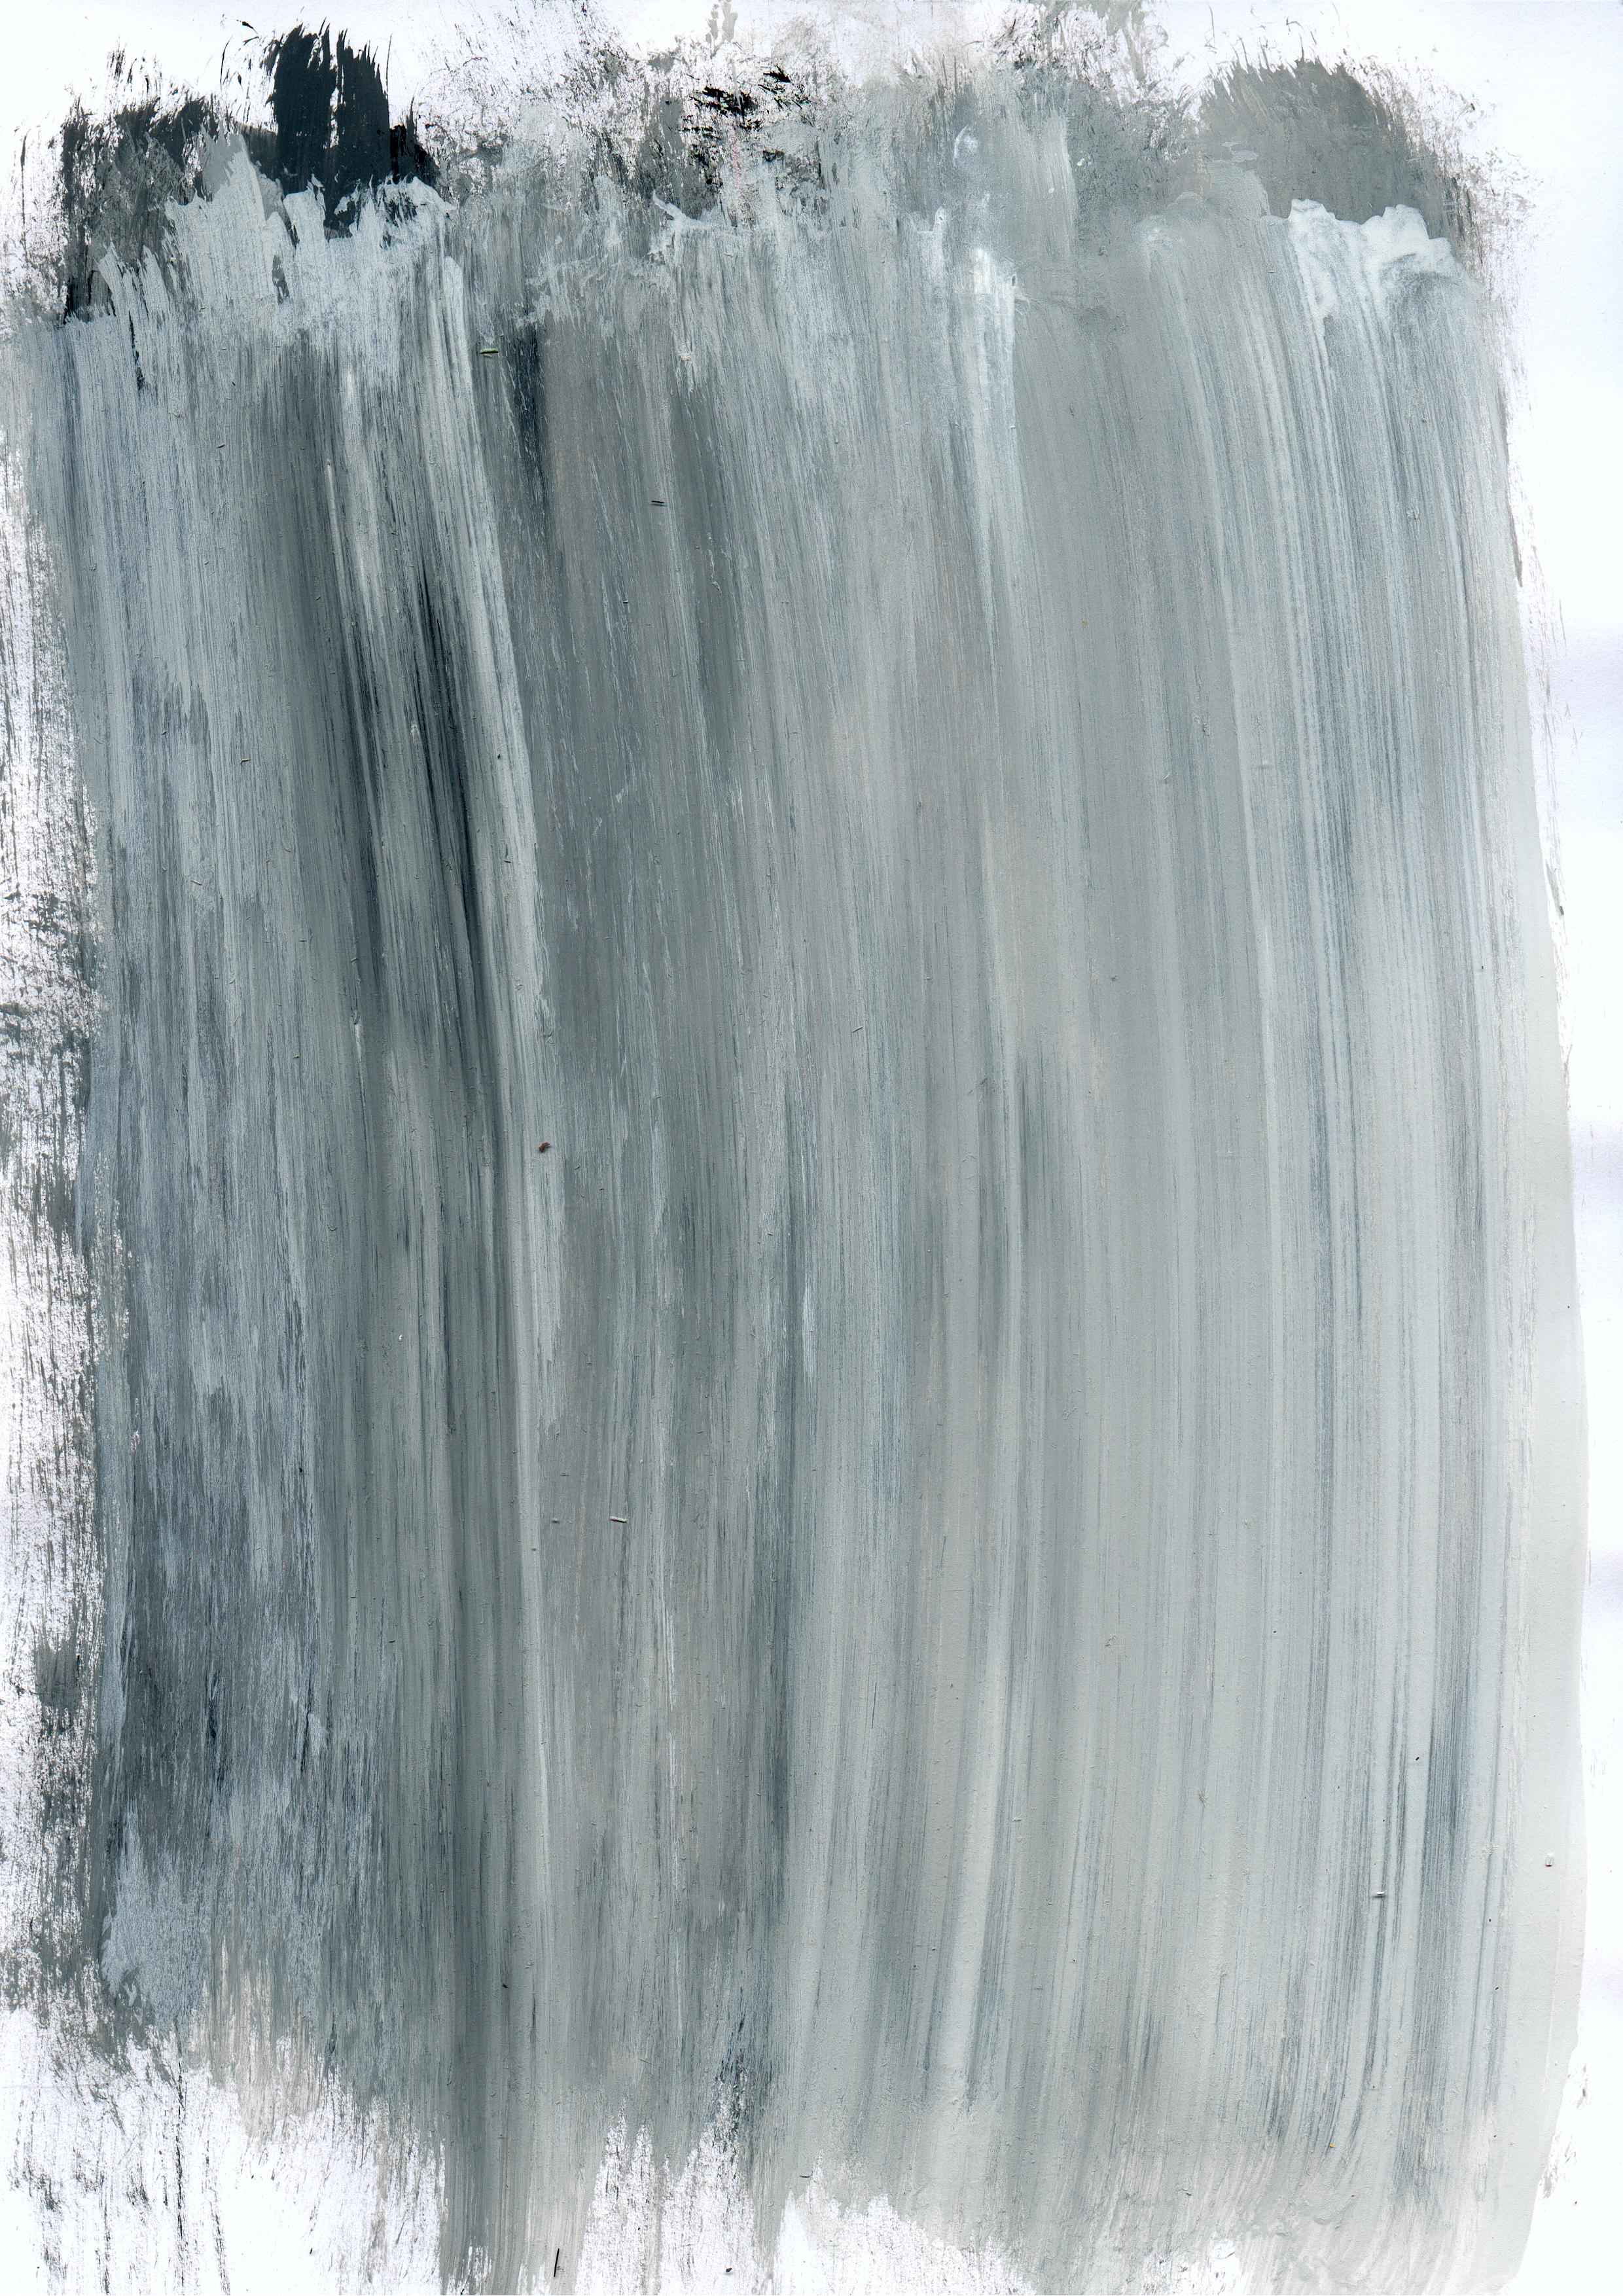 Untitled Texture XXXXXXXII